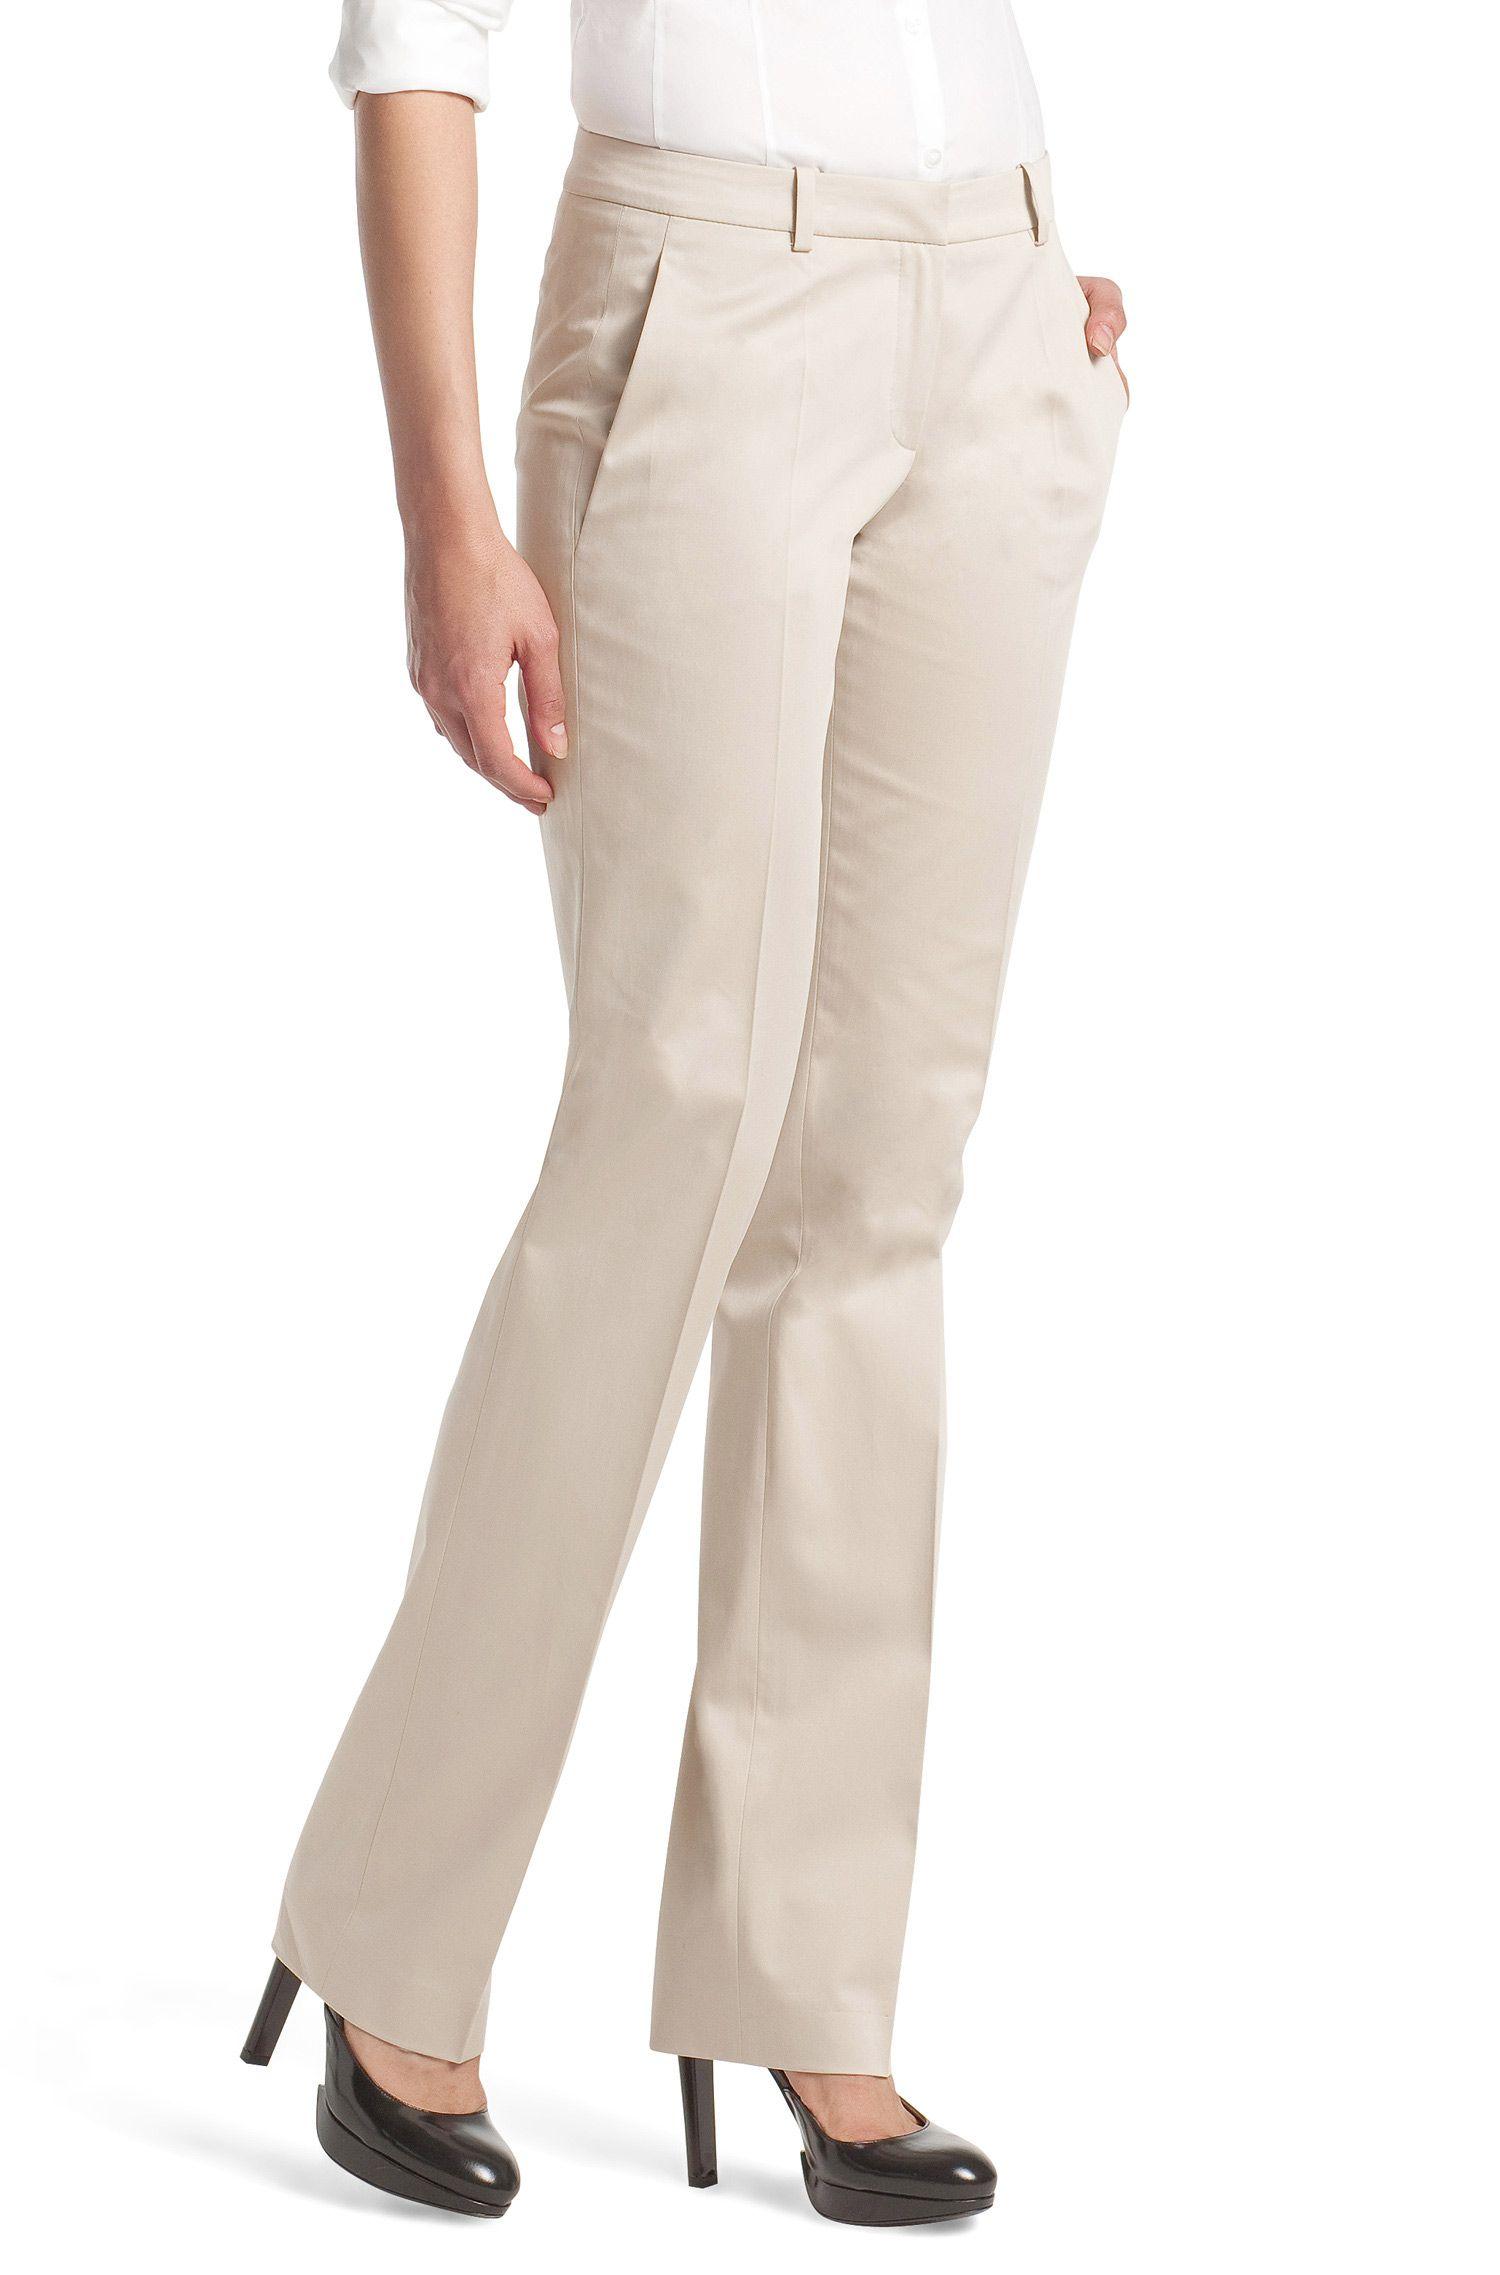 Pantalon en coton mélangé, Hinass-4